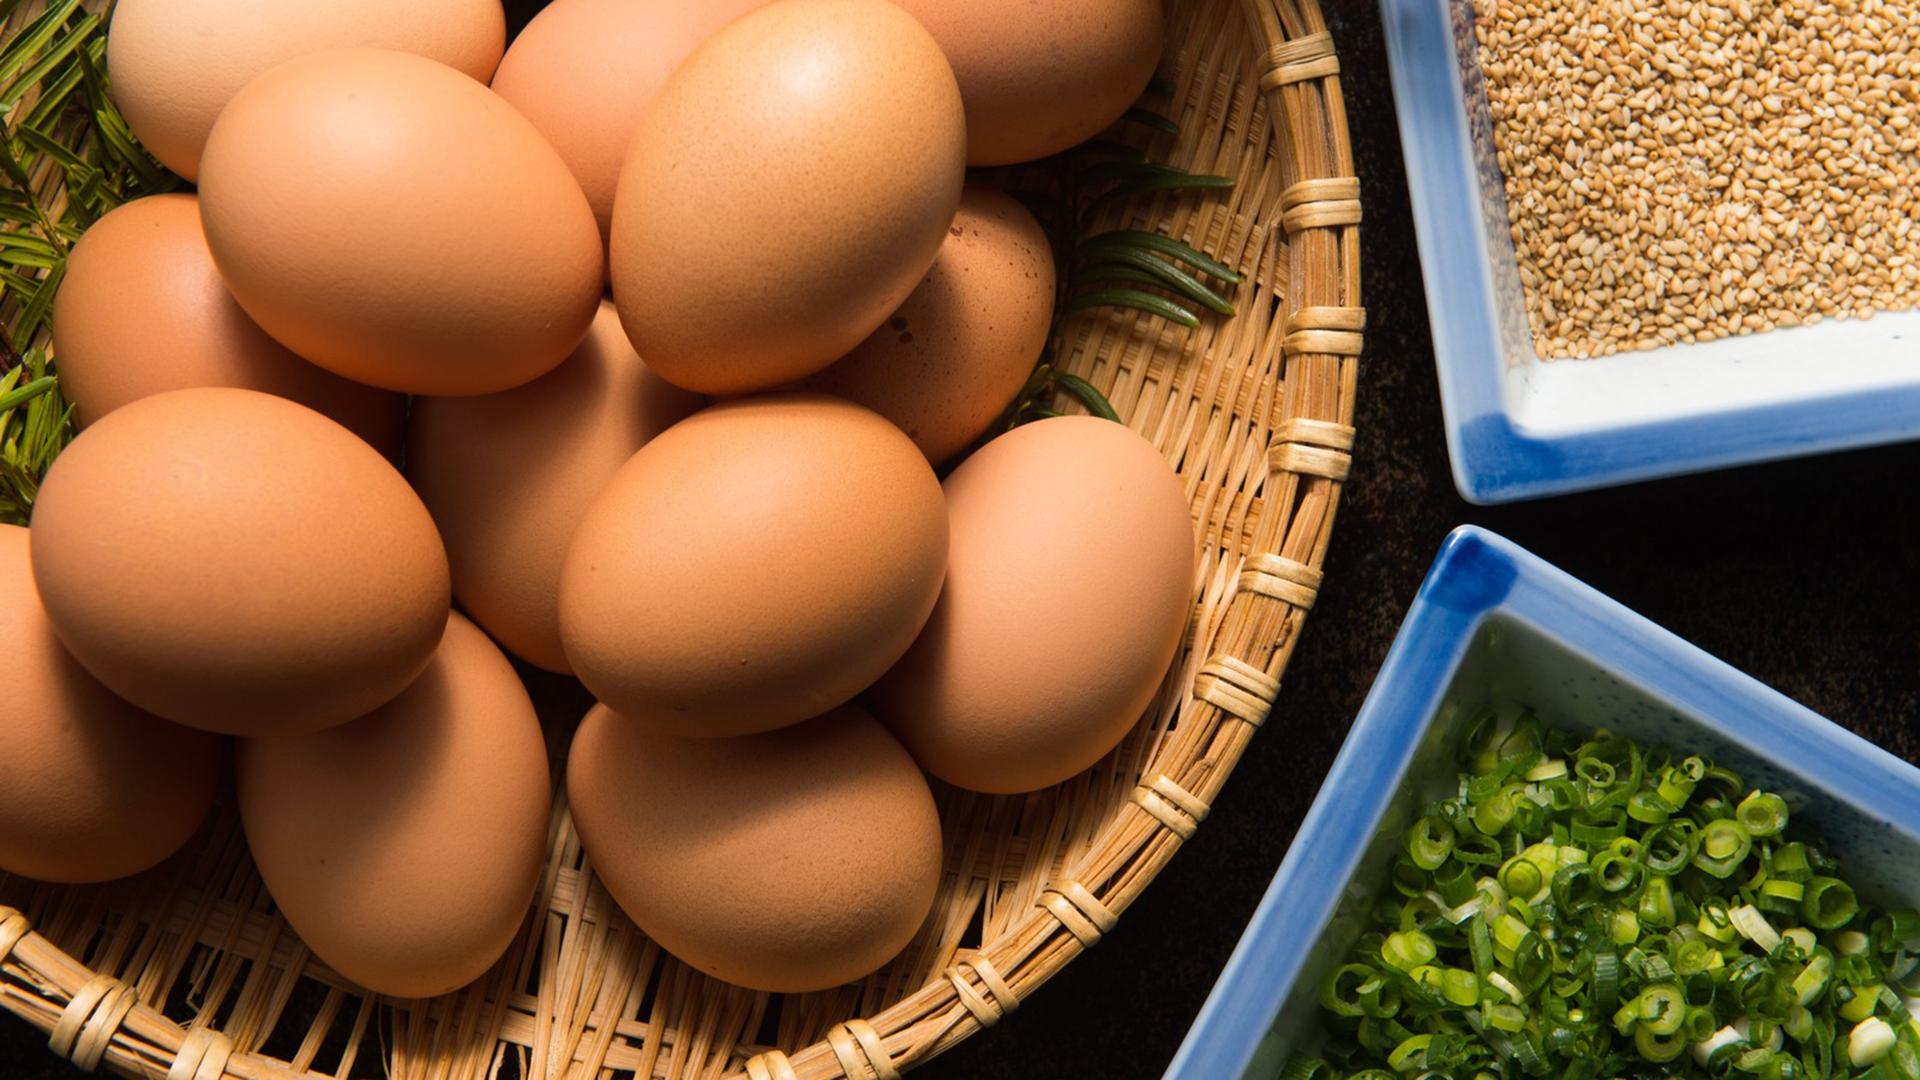 【薄毛予防】ハゲに効果がある食べ物と栄養素とは?【育毛促進】